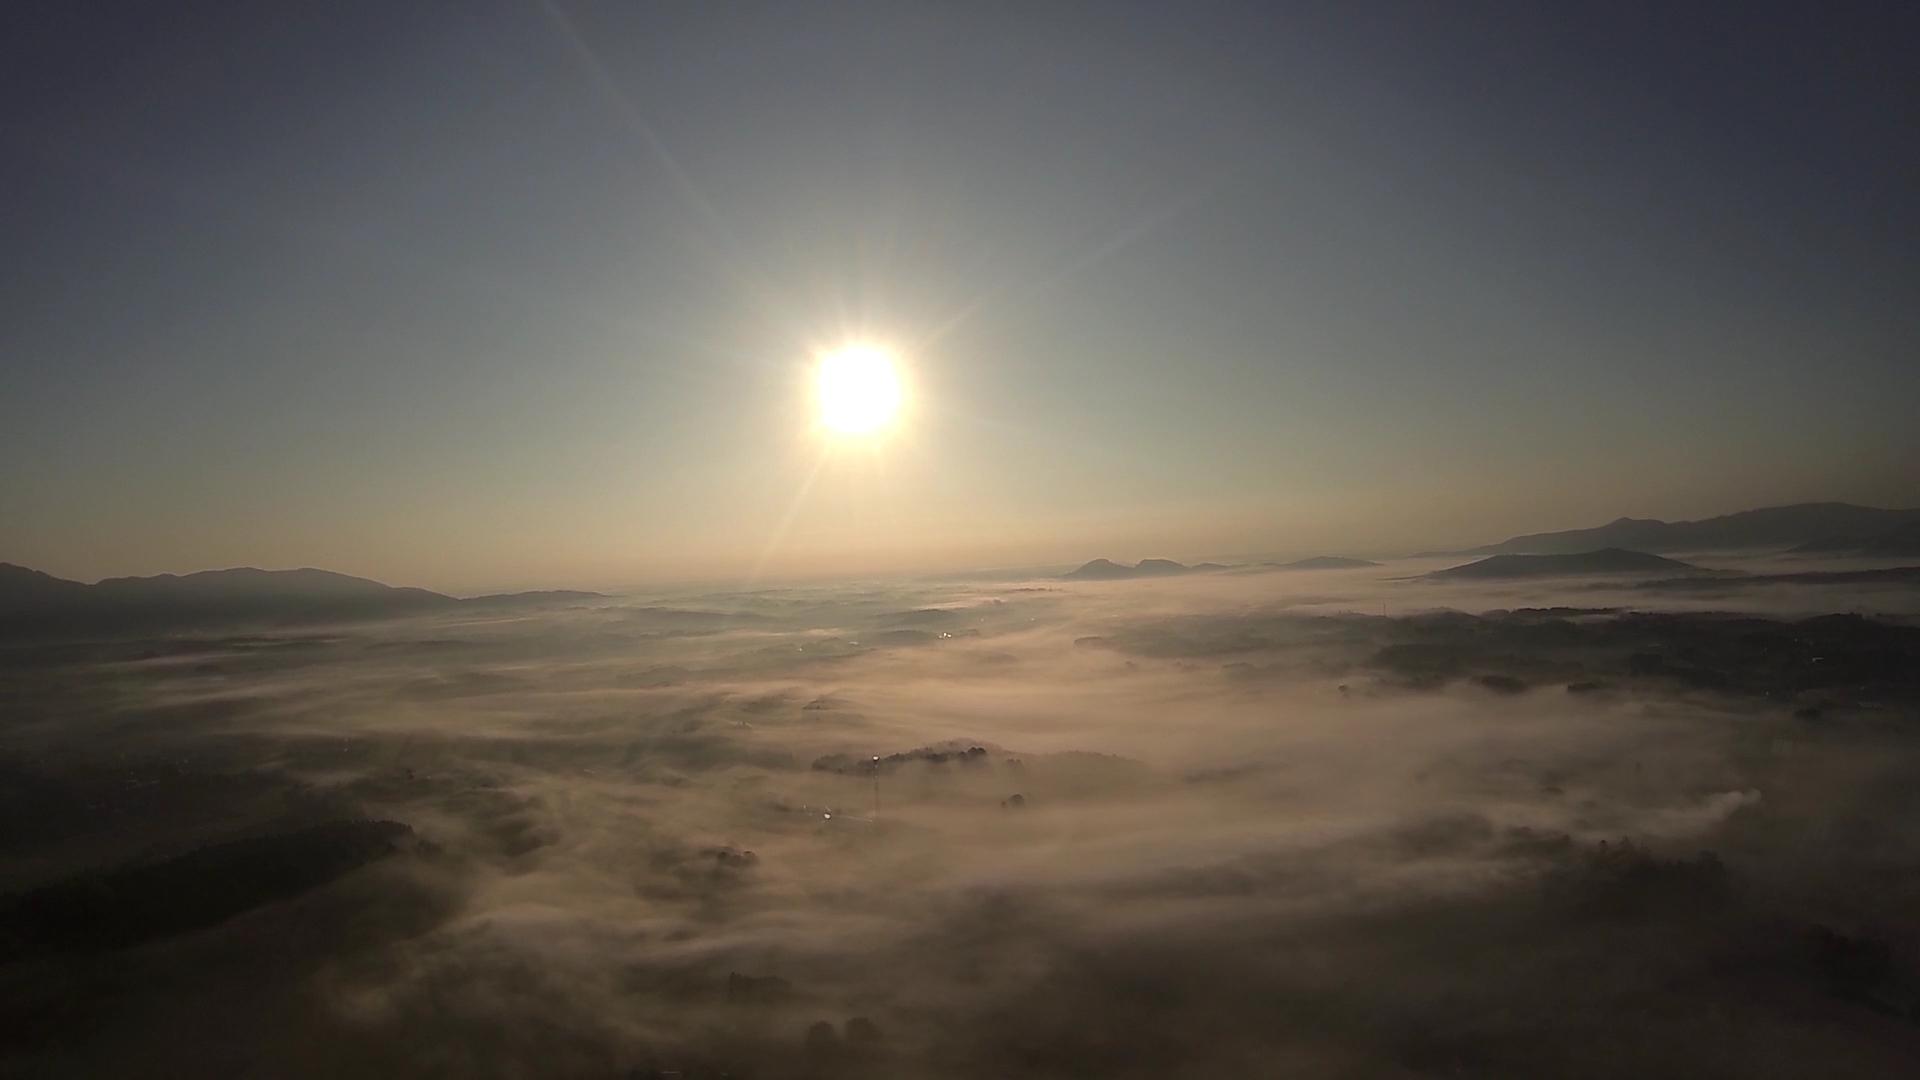 ハンググライダー日本代表選手・鈴木由路が語る 空の魅力 vol7 【感動の階段】section4